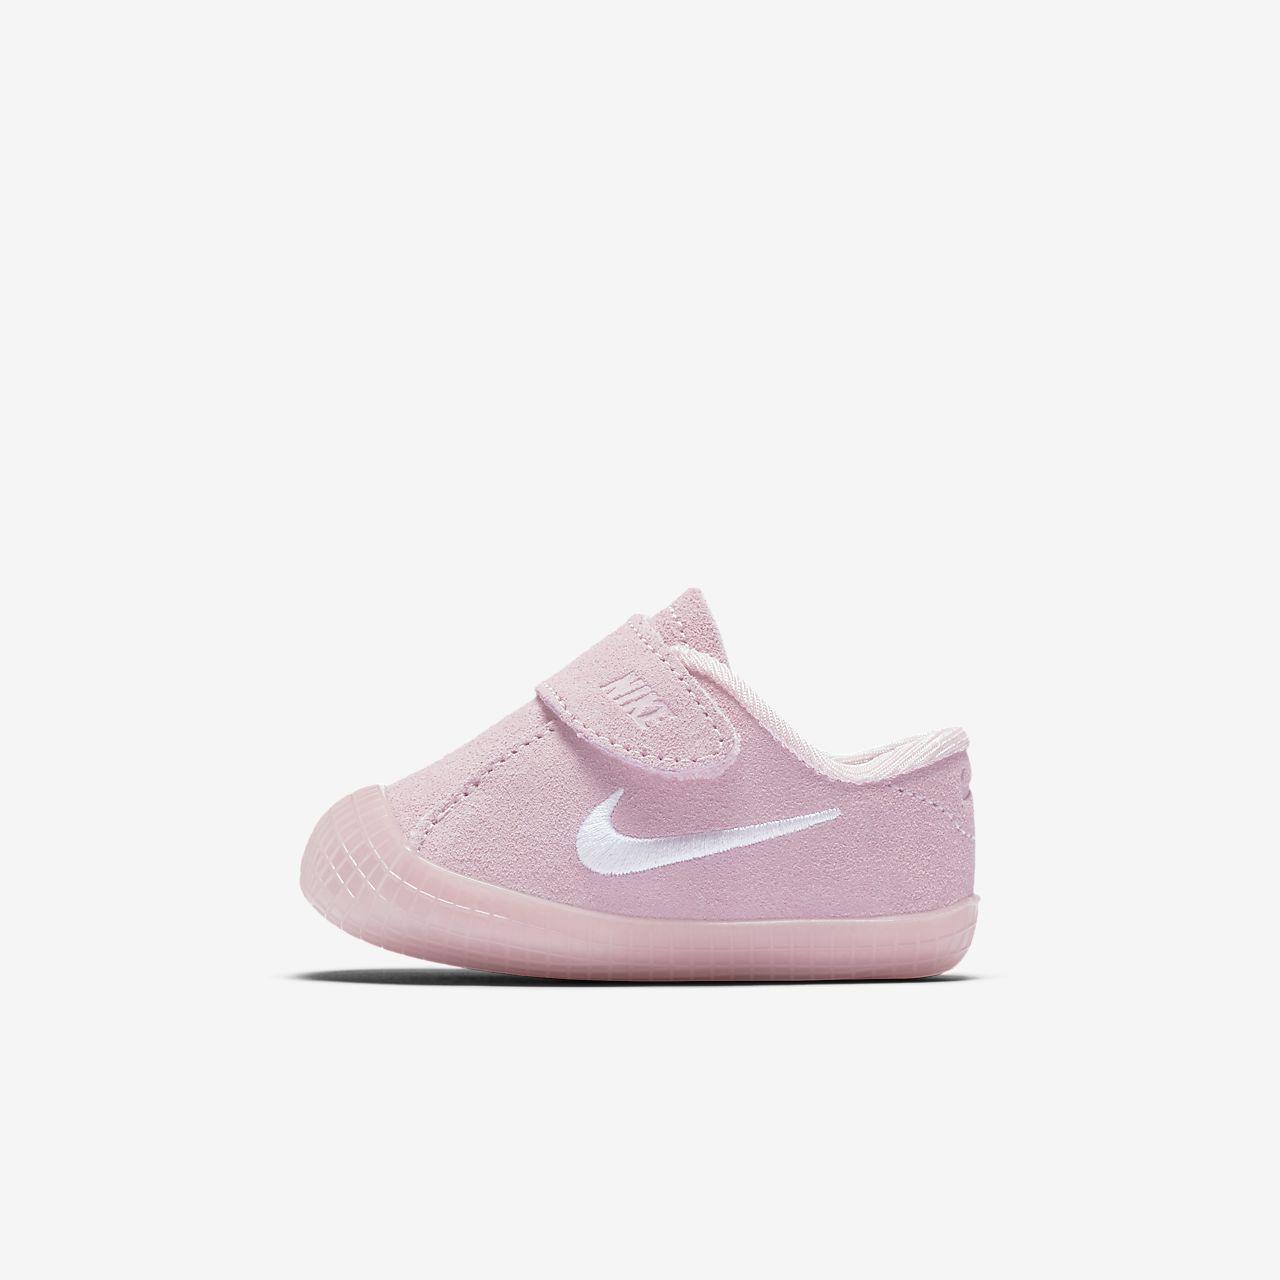 Nike Waffle 1 Kids Booties Prism Pink/White